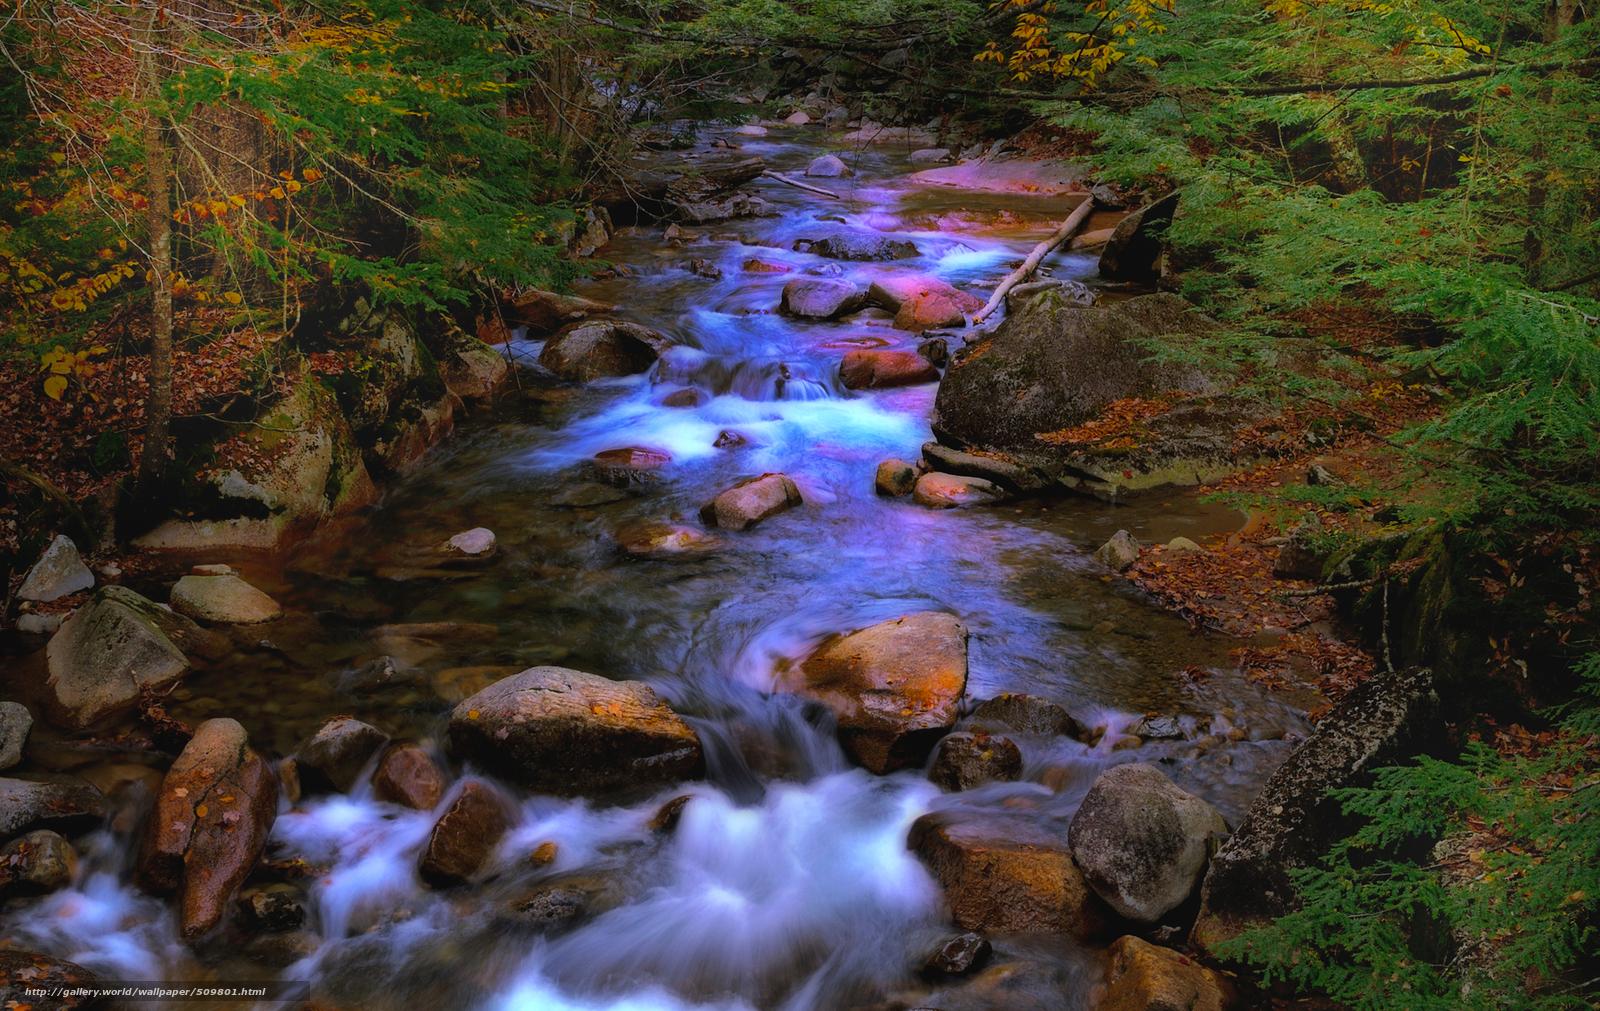 Скачать обои река,  лес,  камни,  пейзаж бесплатно для рабочего стола в разрешении 1900x1200 — картинка №509801